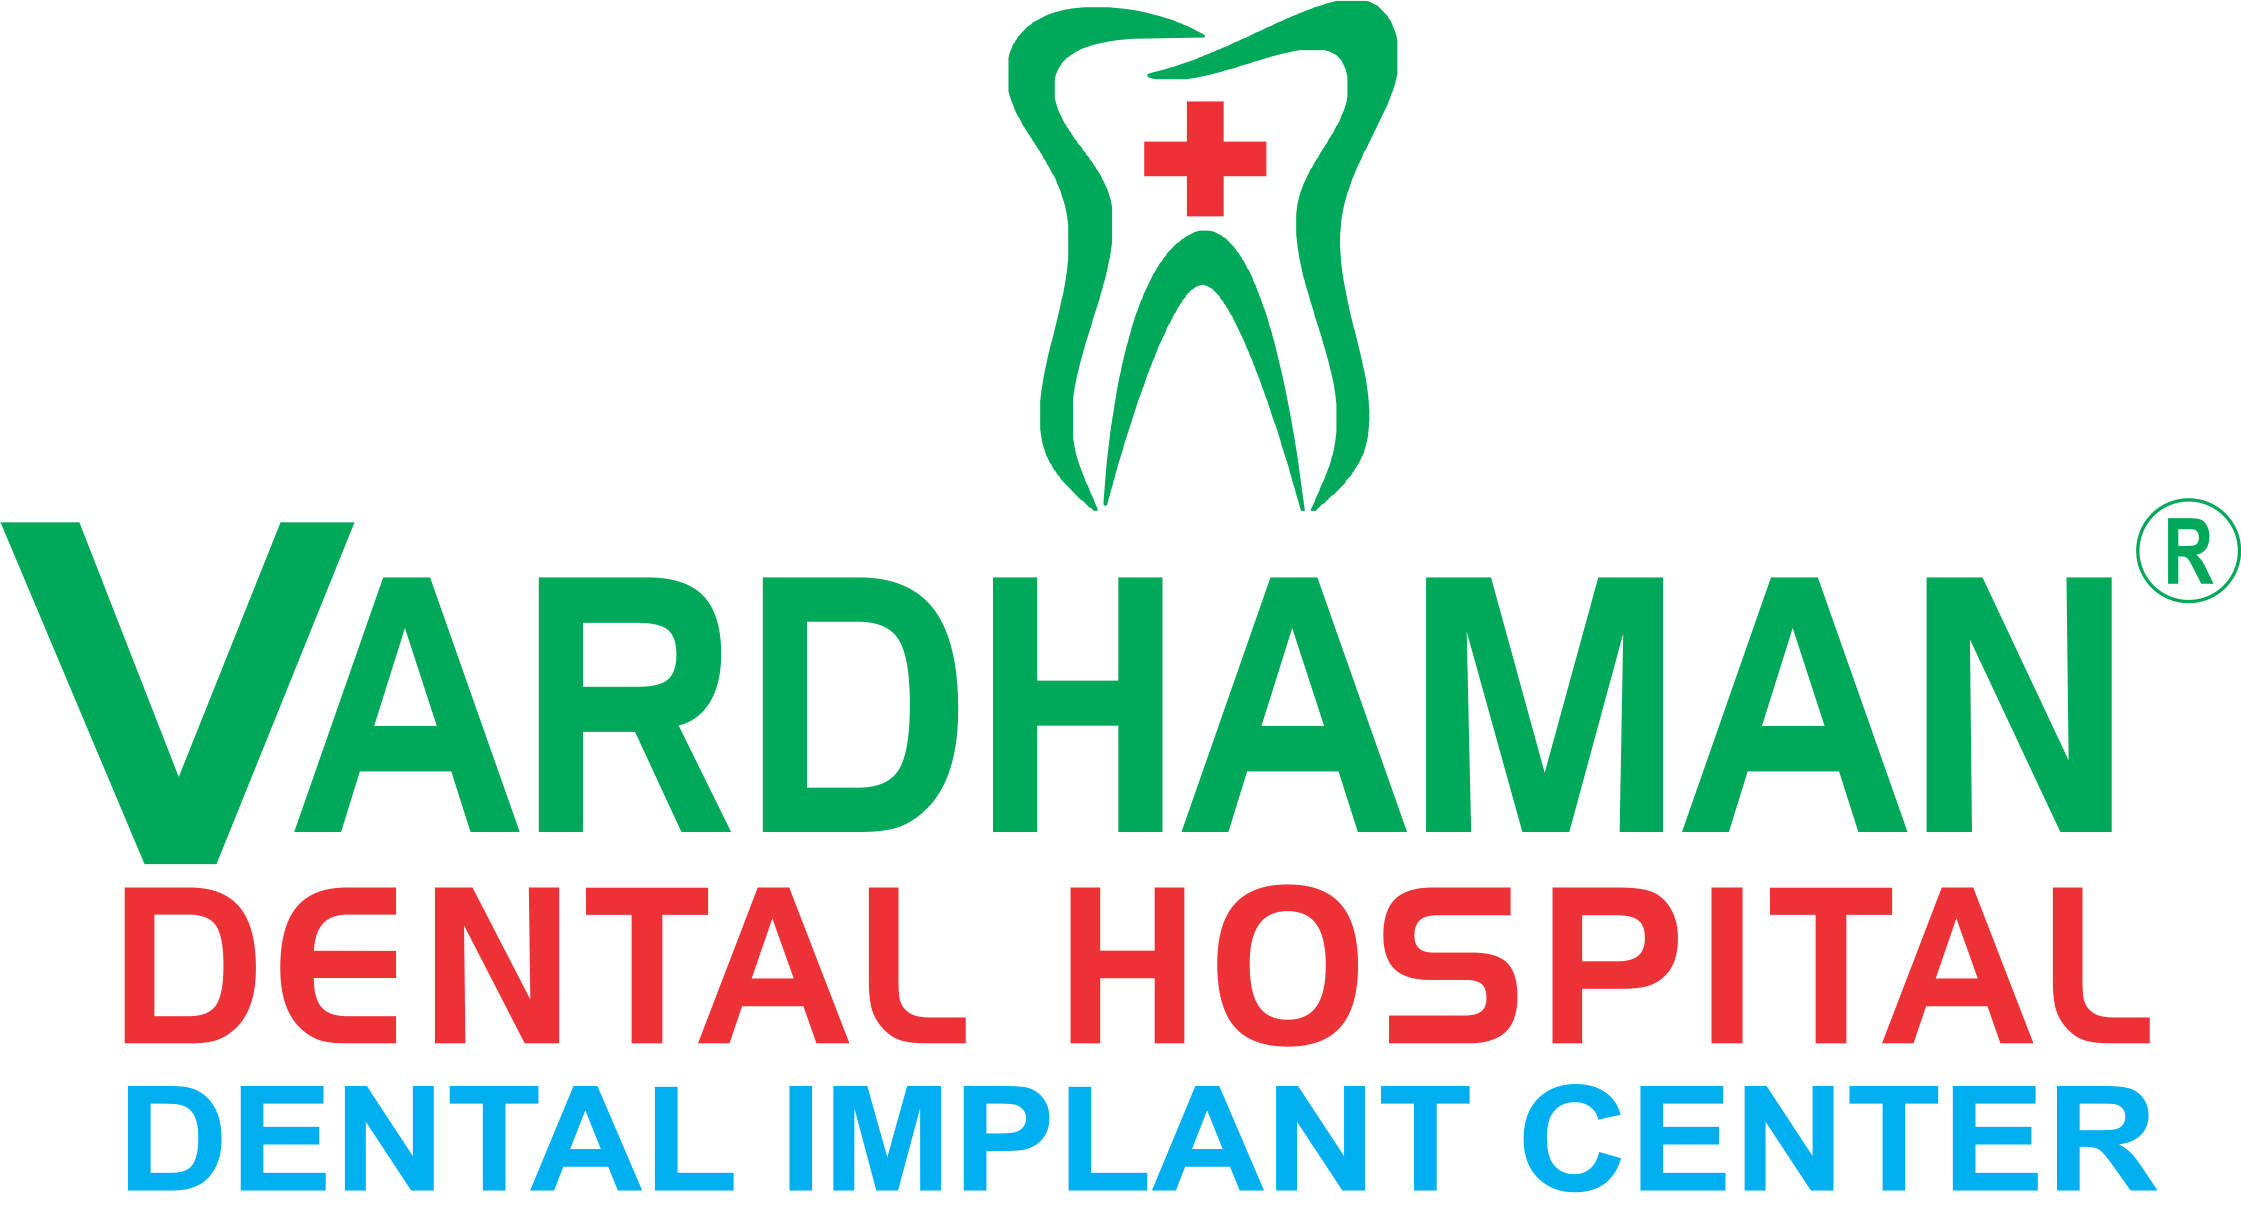 Vardhaman Dental Hospital